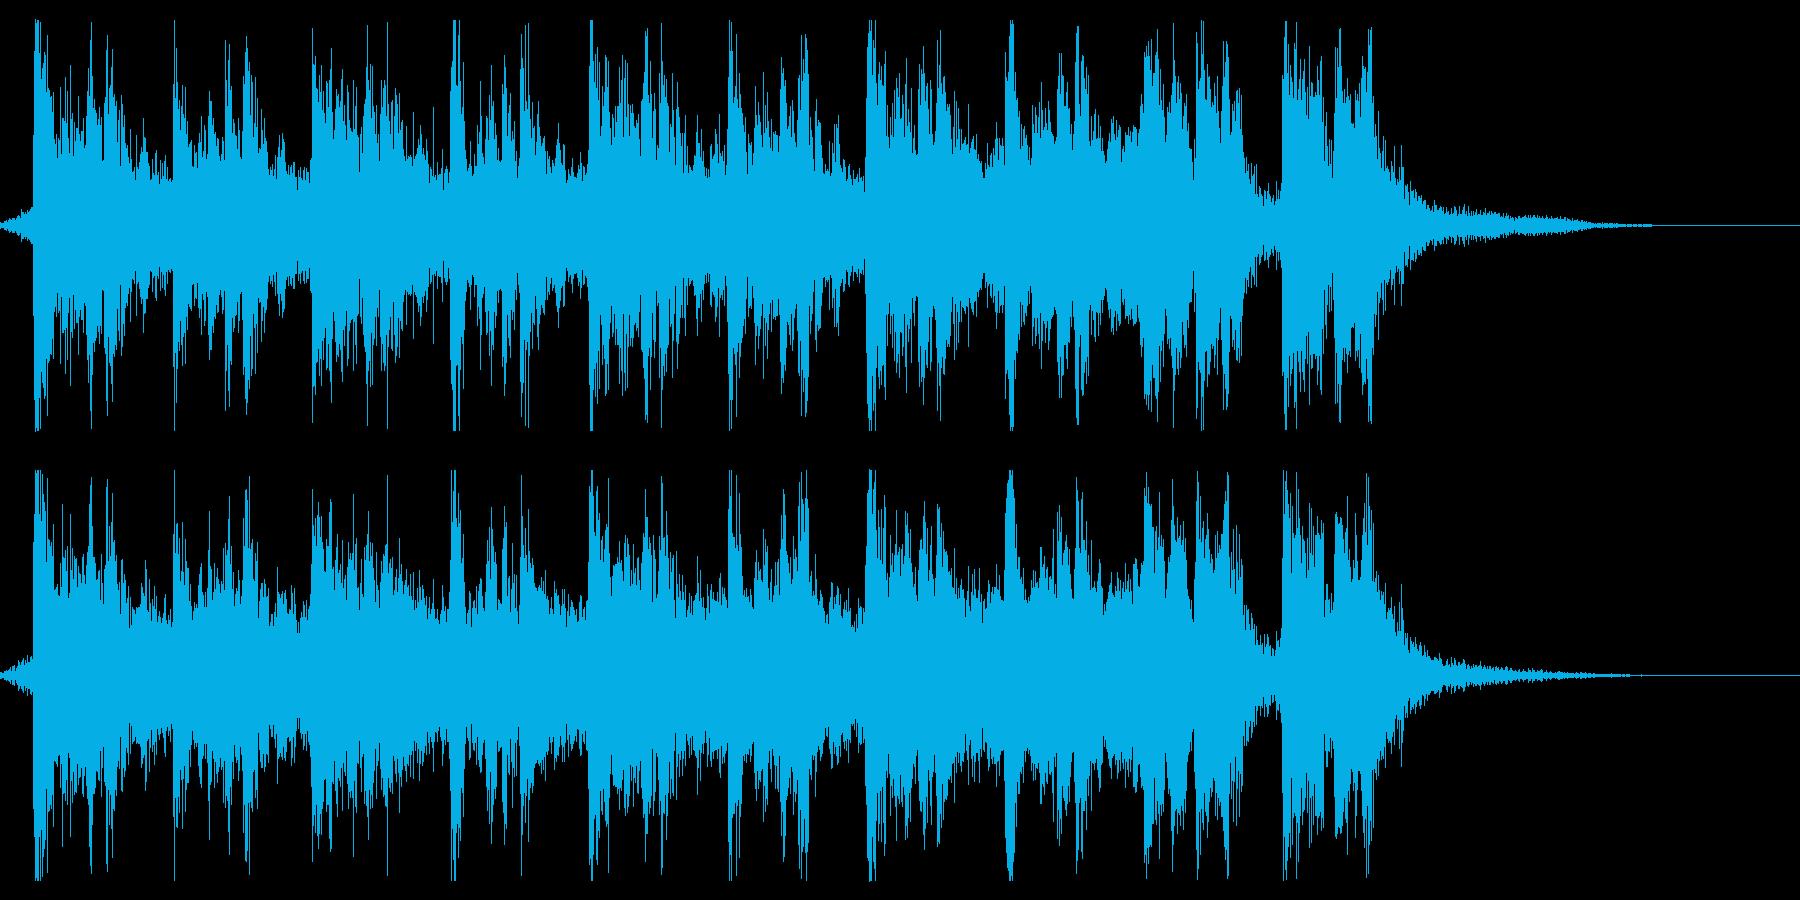 ハリウッド系アイキャッチの再生済みの波形